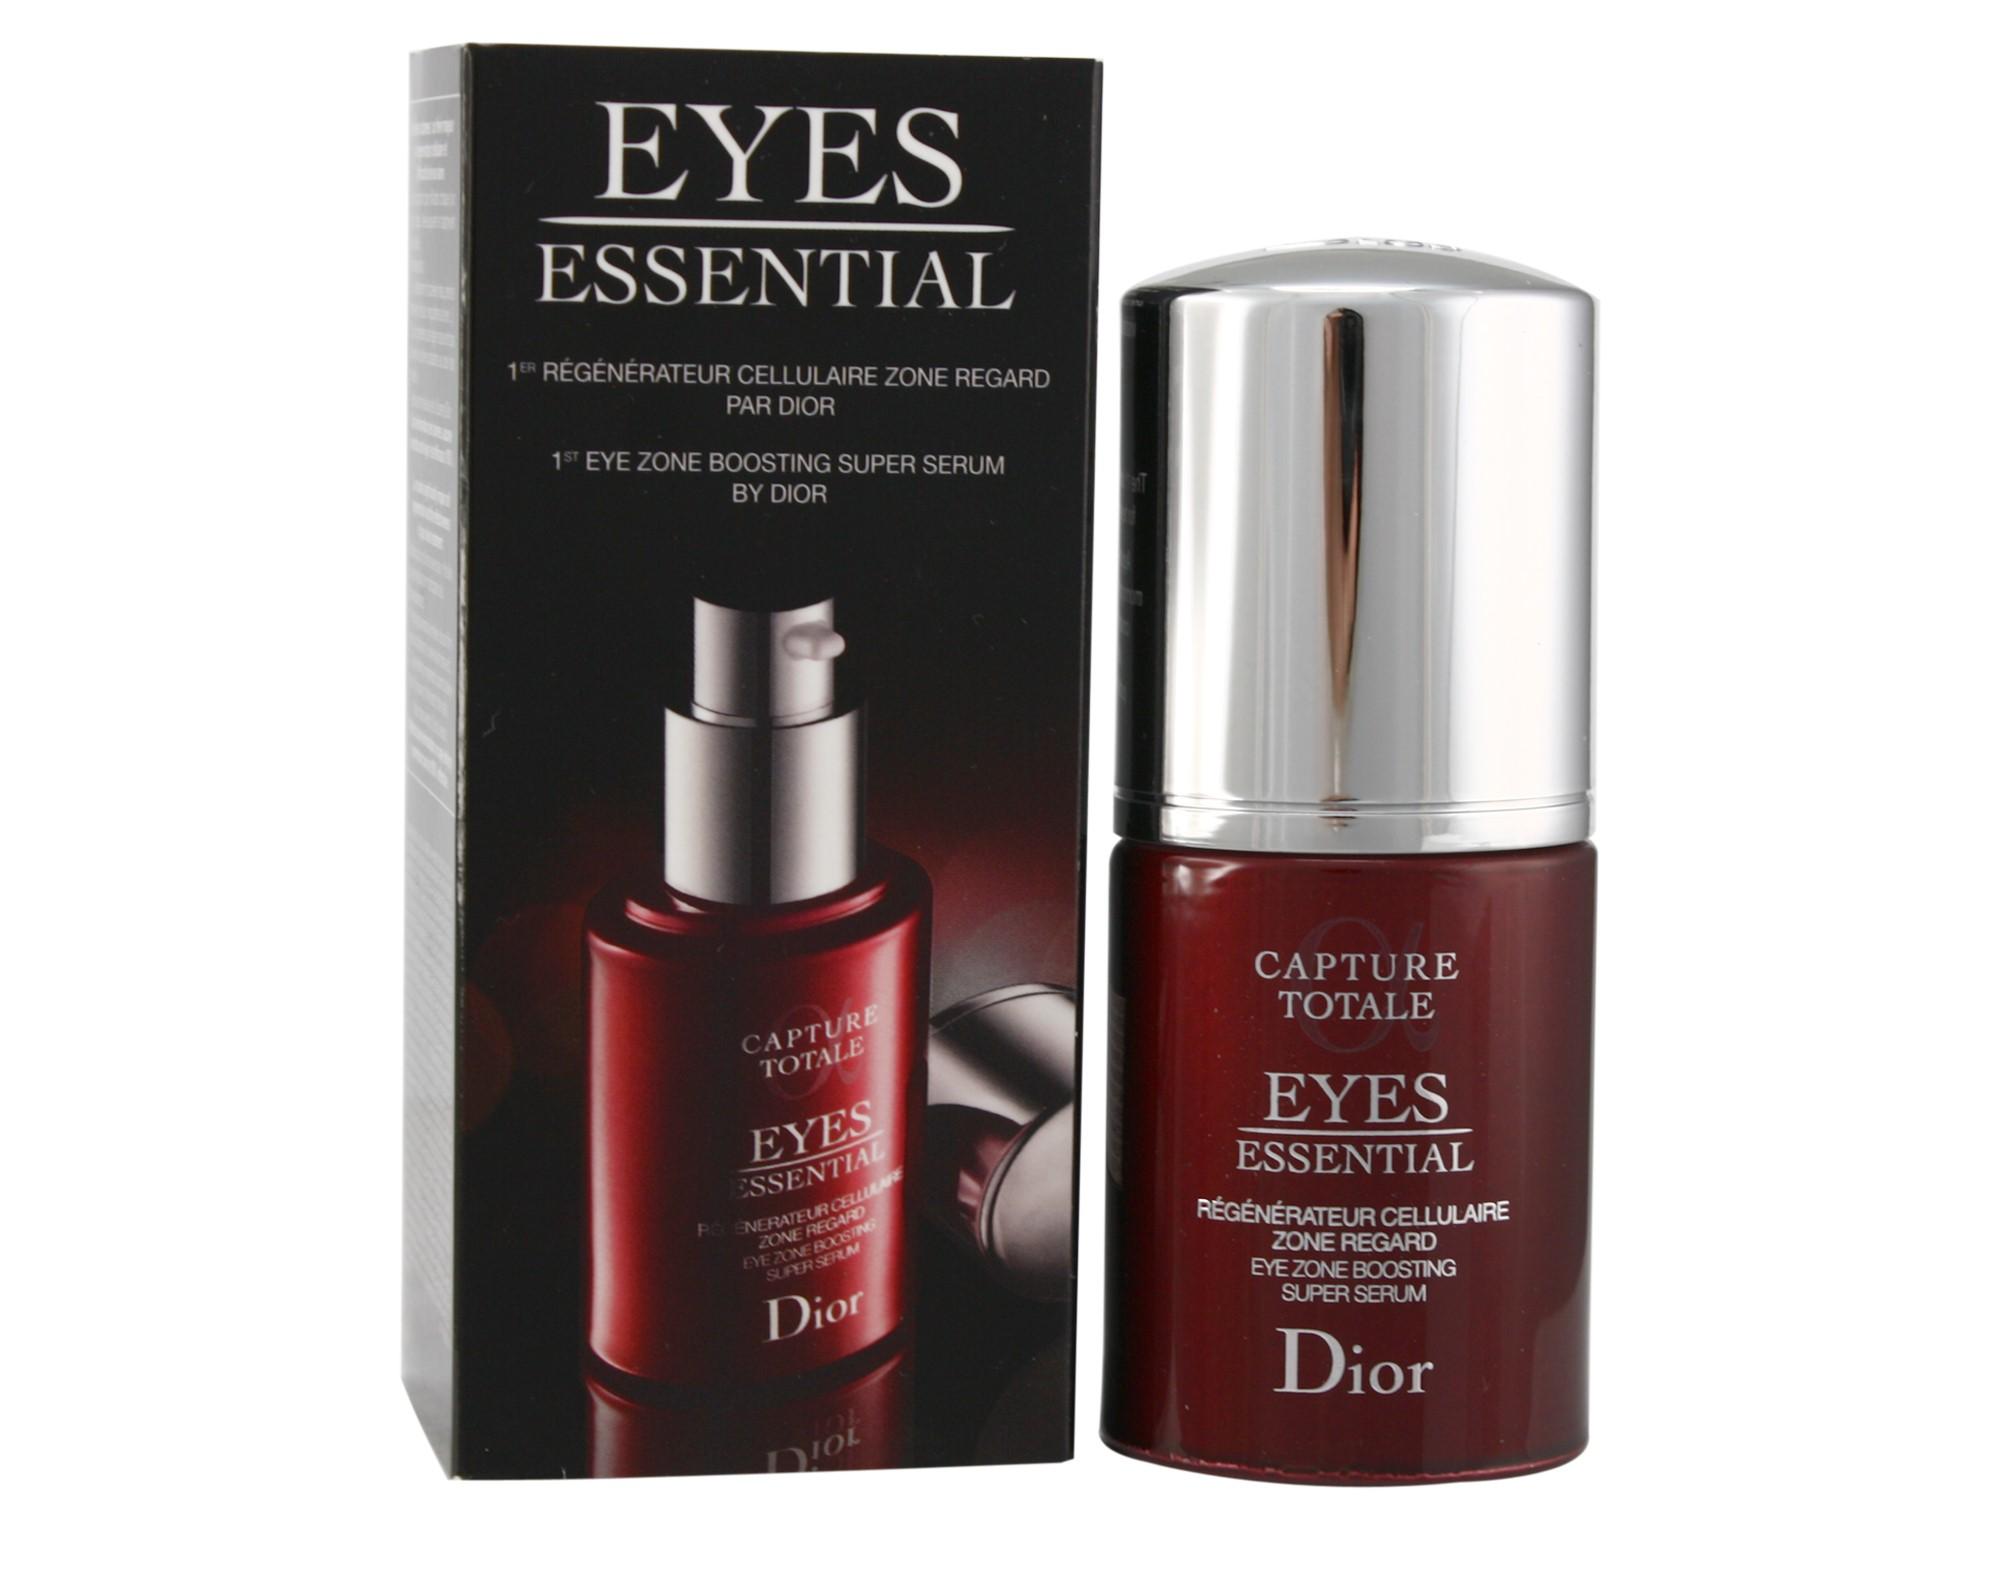 Capture Totale Eyes Essential von Dior